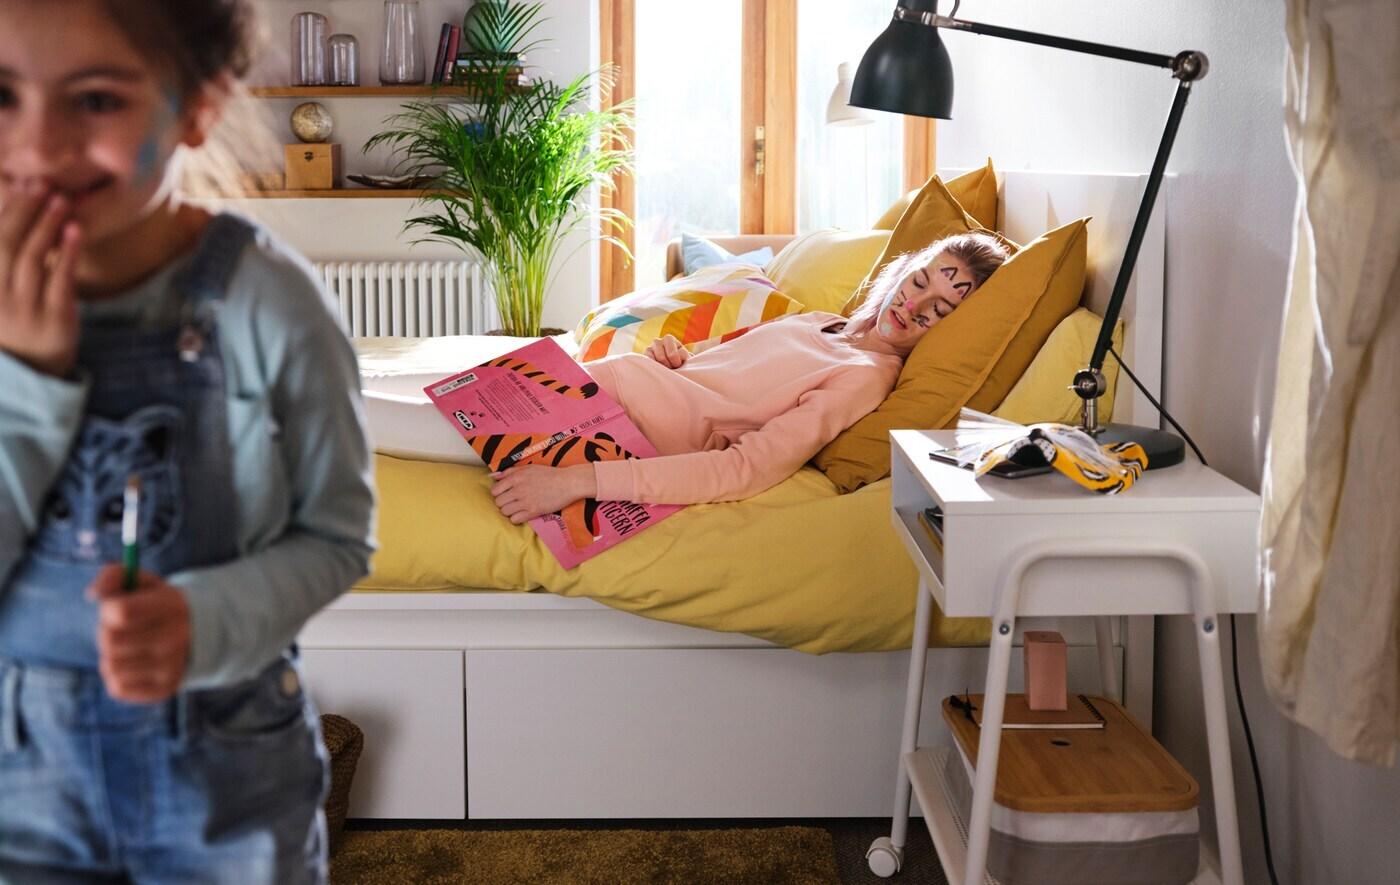 Une fillette sort en douce d'une chambre d'allure moderne après avoir peint des moustaches de chat sur le visage de sa mère, endormie dans un litMALM.